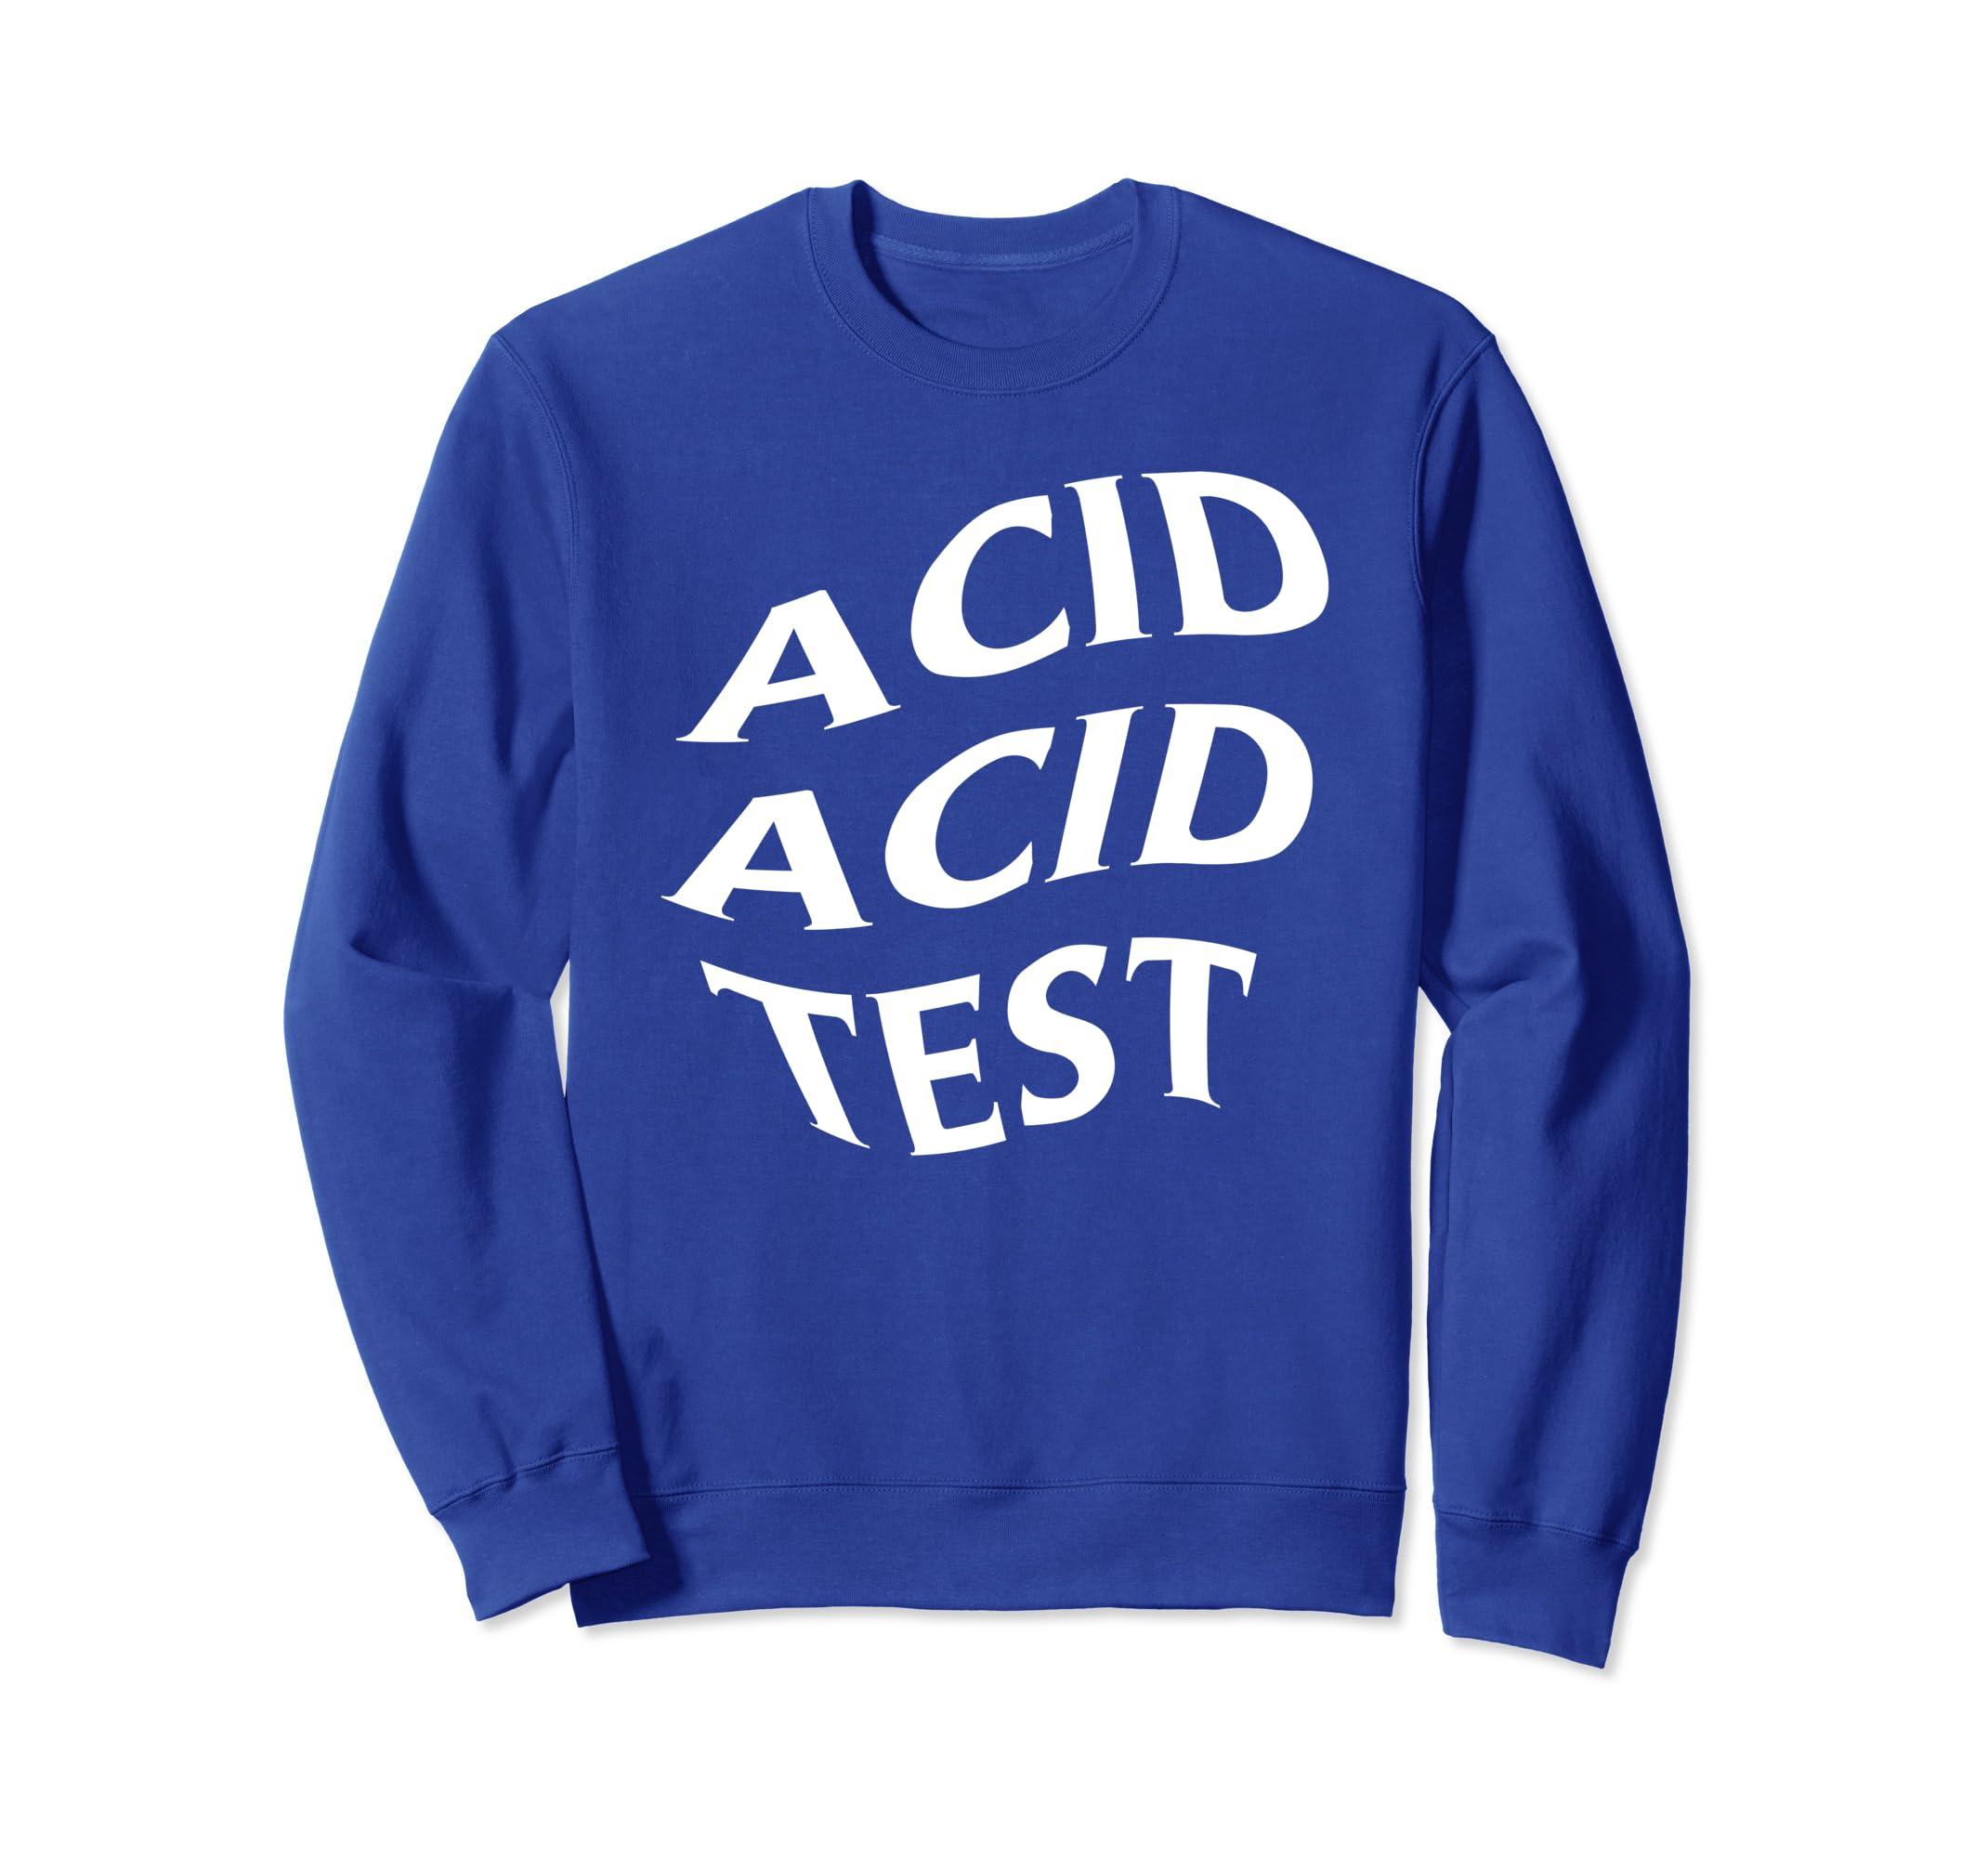 détaillant en ligne c26dc 54d4a Amazon.com: Acid Acid Test Techno House Sweat Shirt: Clothing